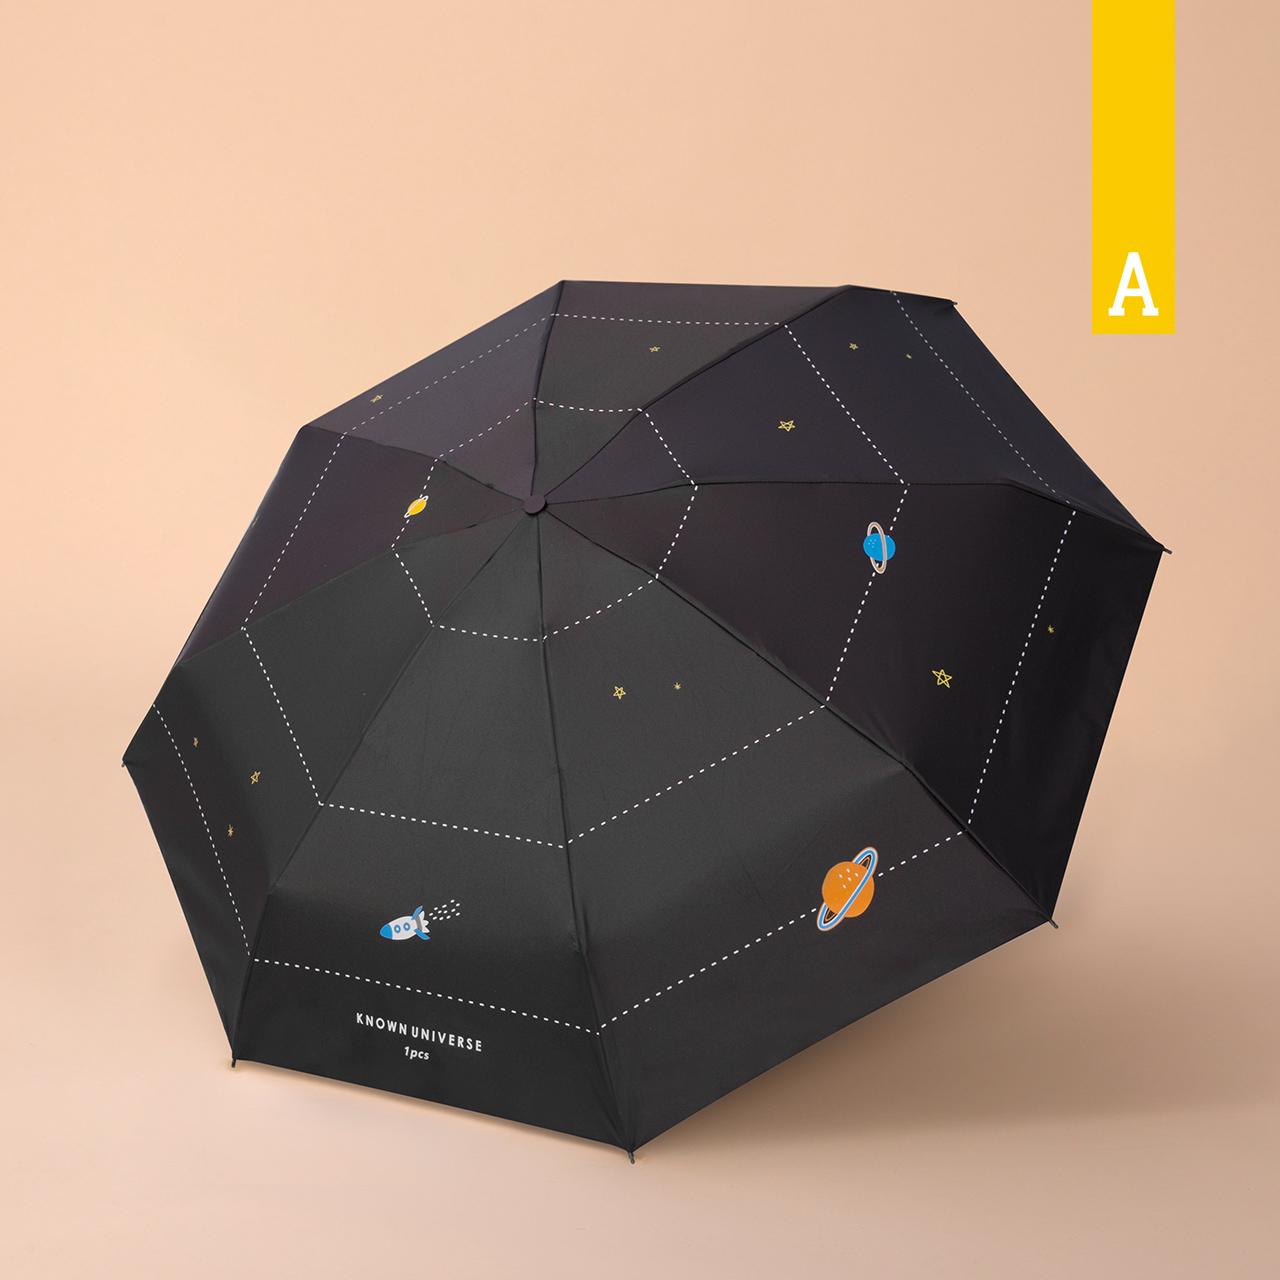 12月02日最新优惠acooltd五折折叠黑胶女小巧太阳伞